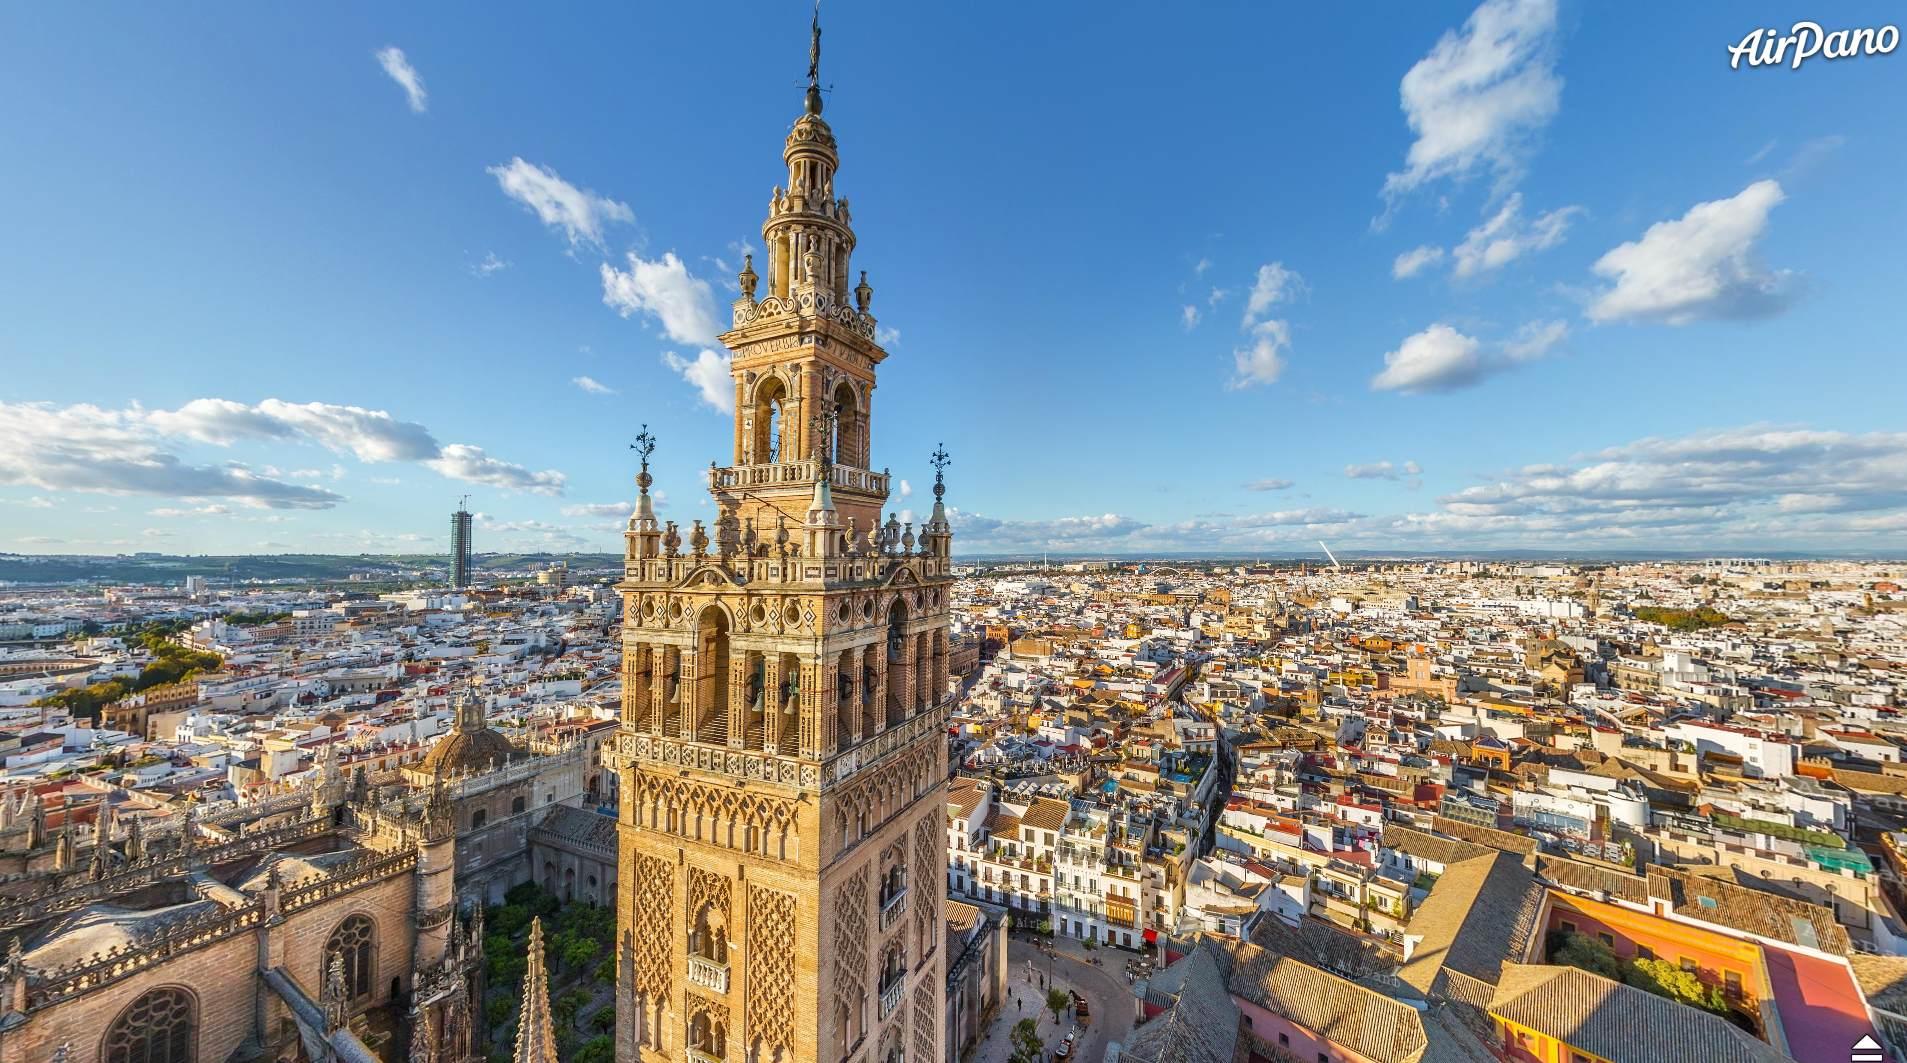 La Giralda di Siviglia